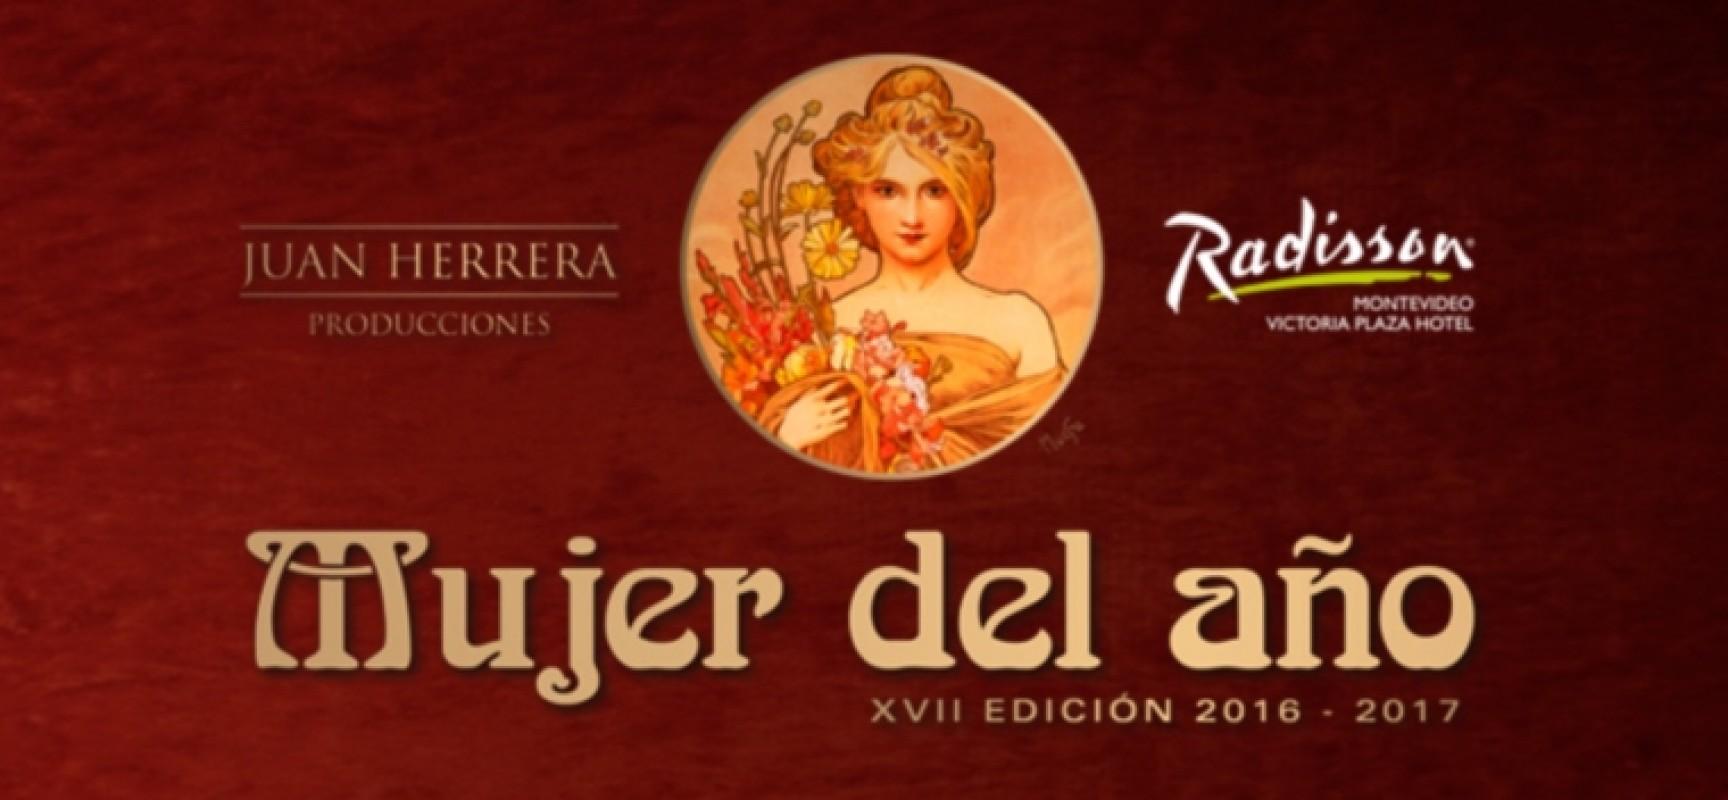 """Llega la  17° edición de """"La Mujer del Año"""" al Radisson Montevideo Victoria Plaza Hotel"""